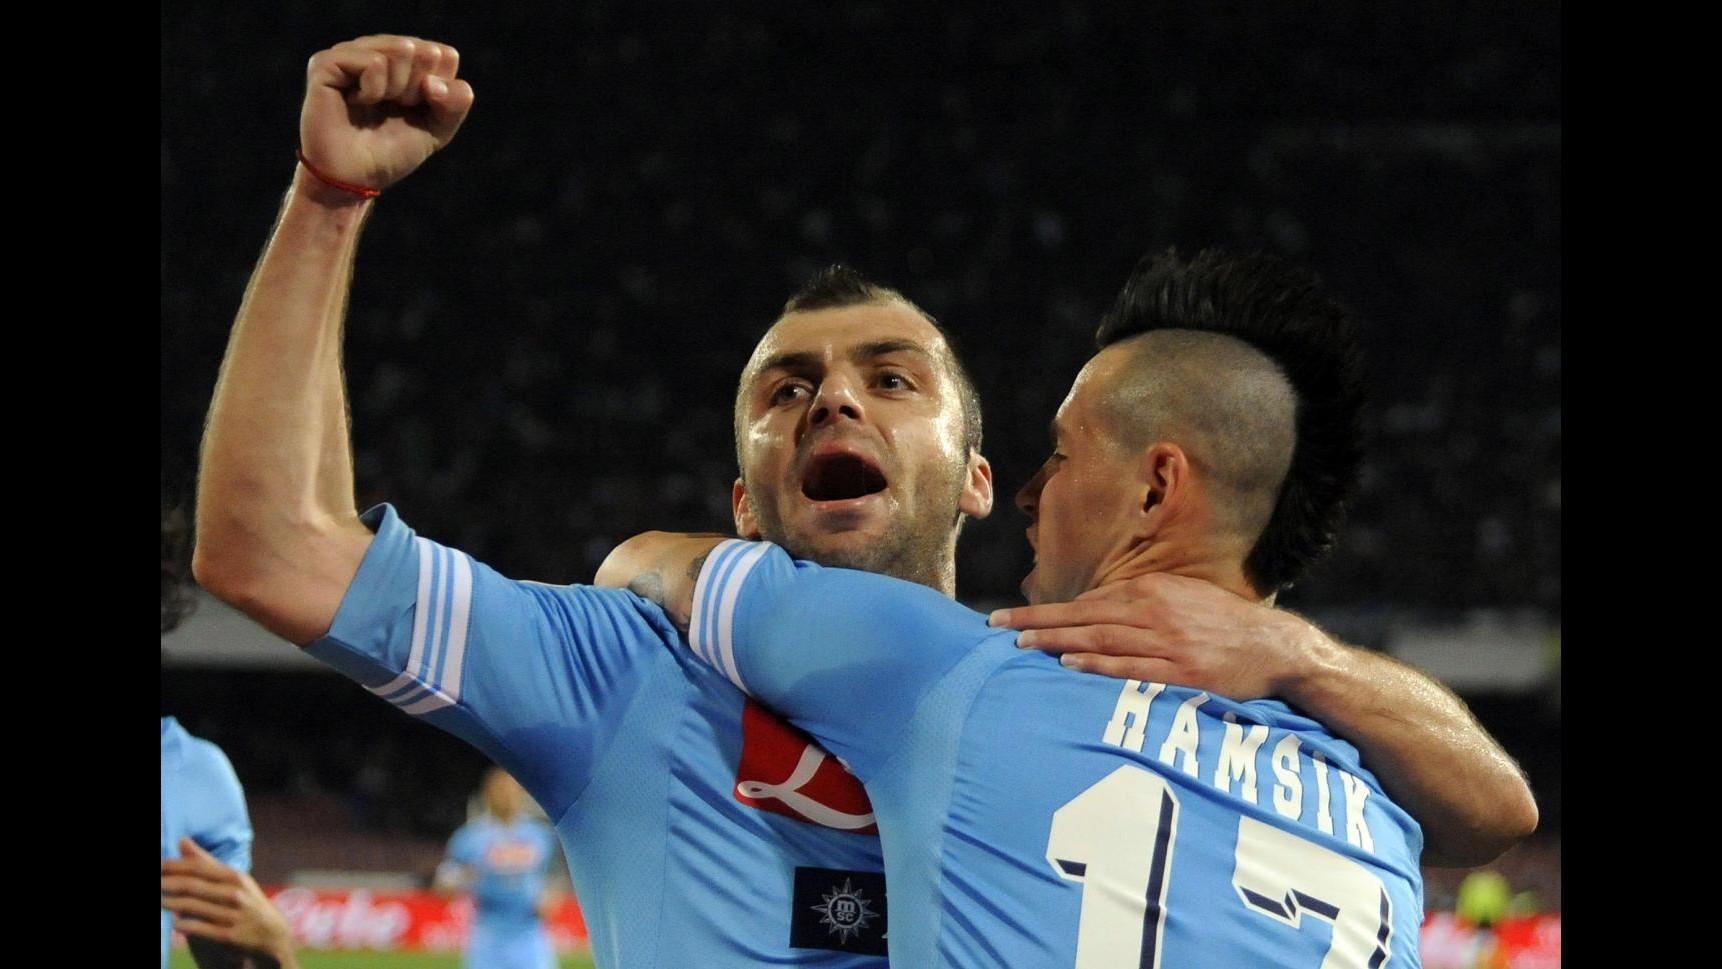 Pandev: Tifosi Napoli unici, vincere qui sarebbe diverso. Siamo pronti per il campionato